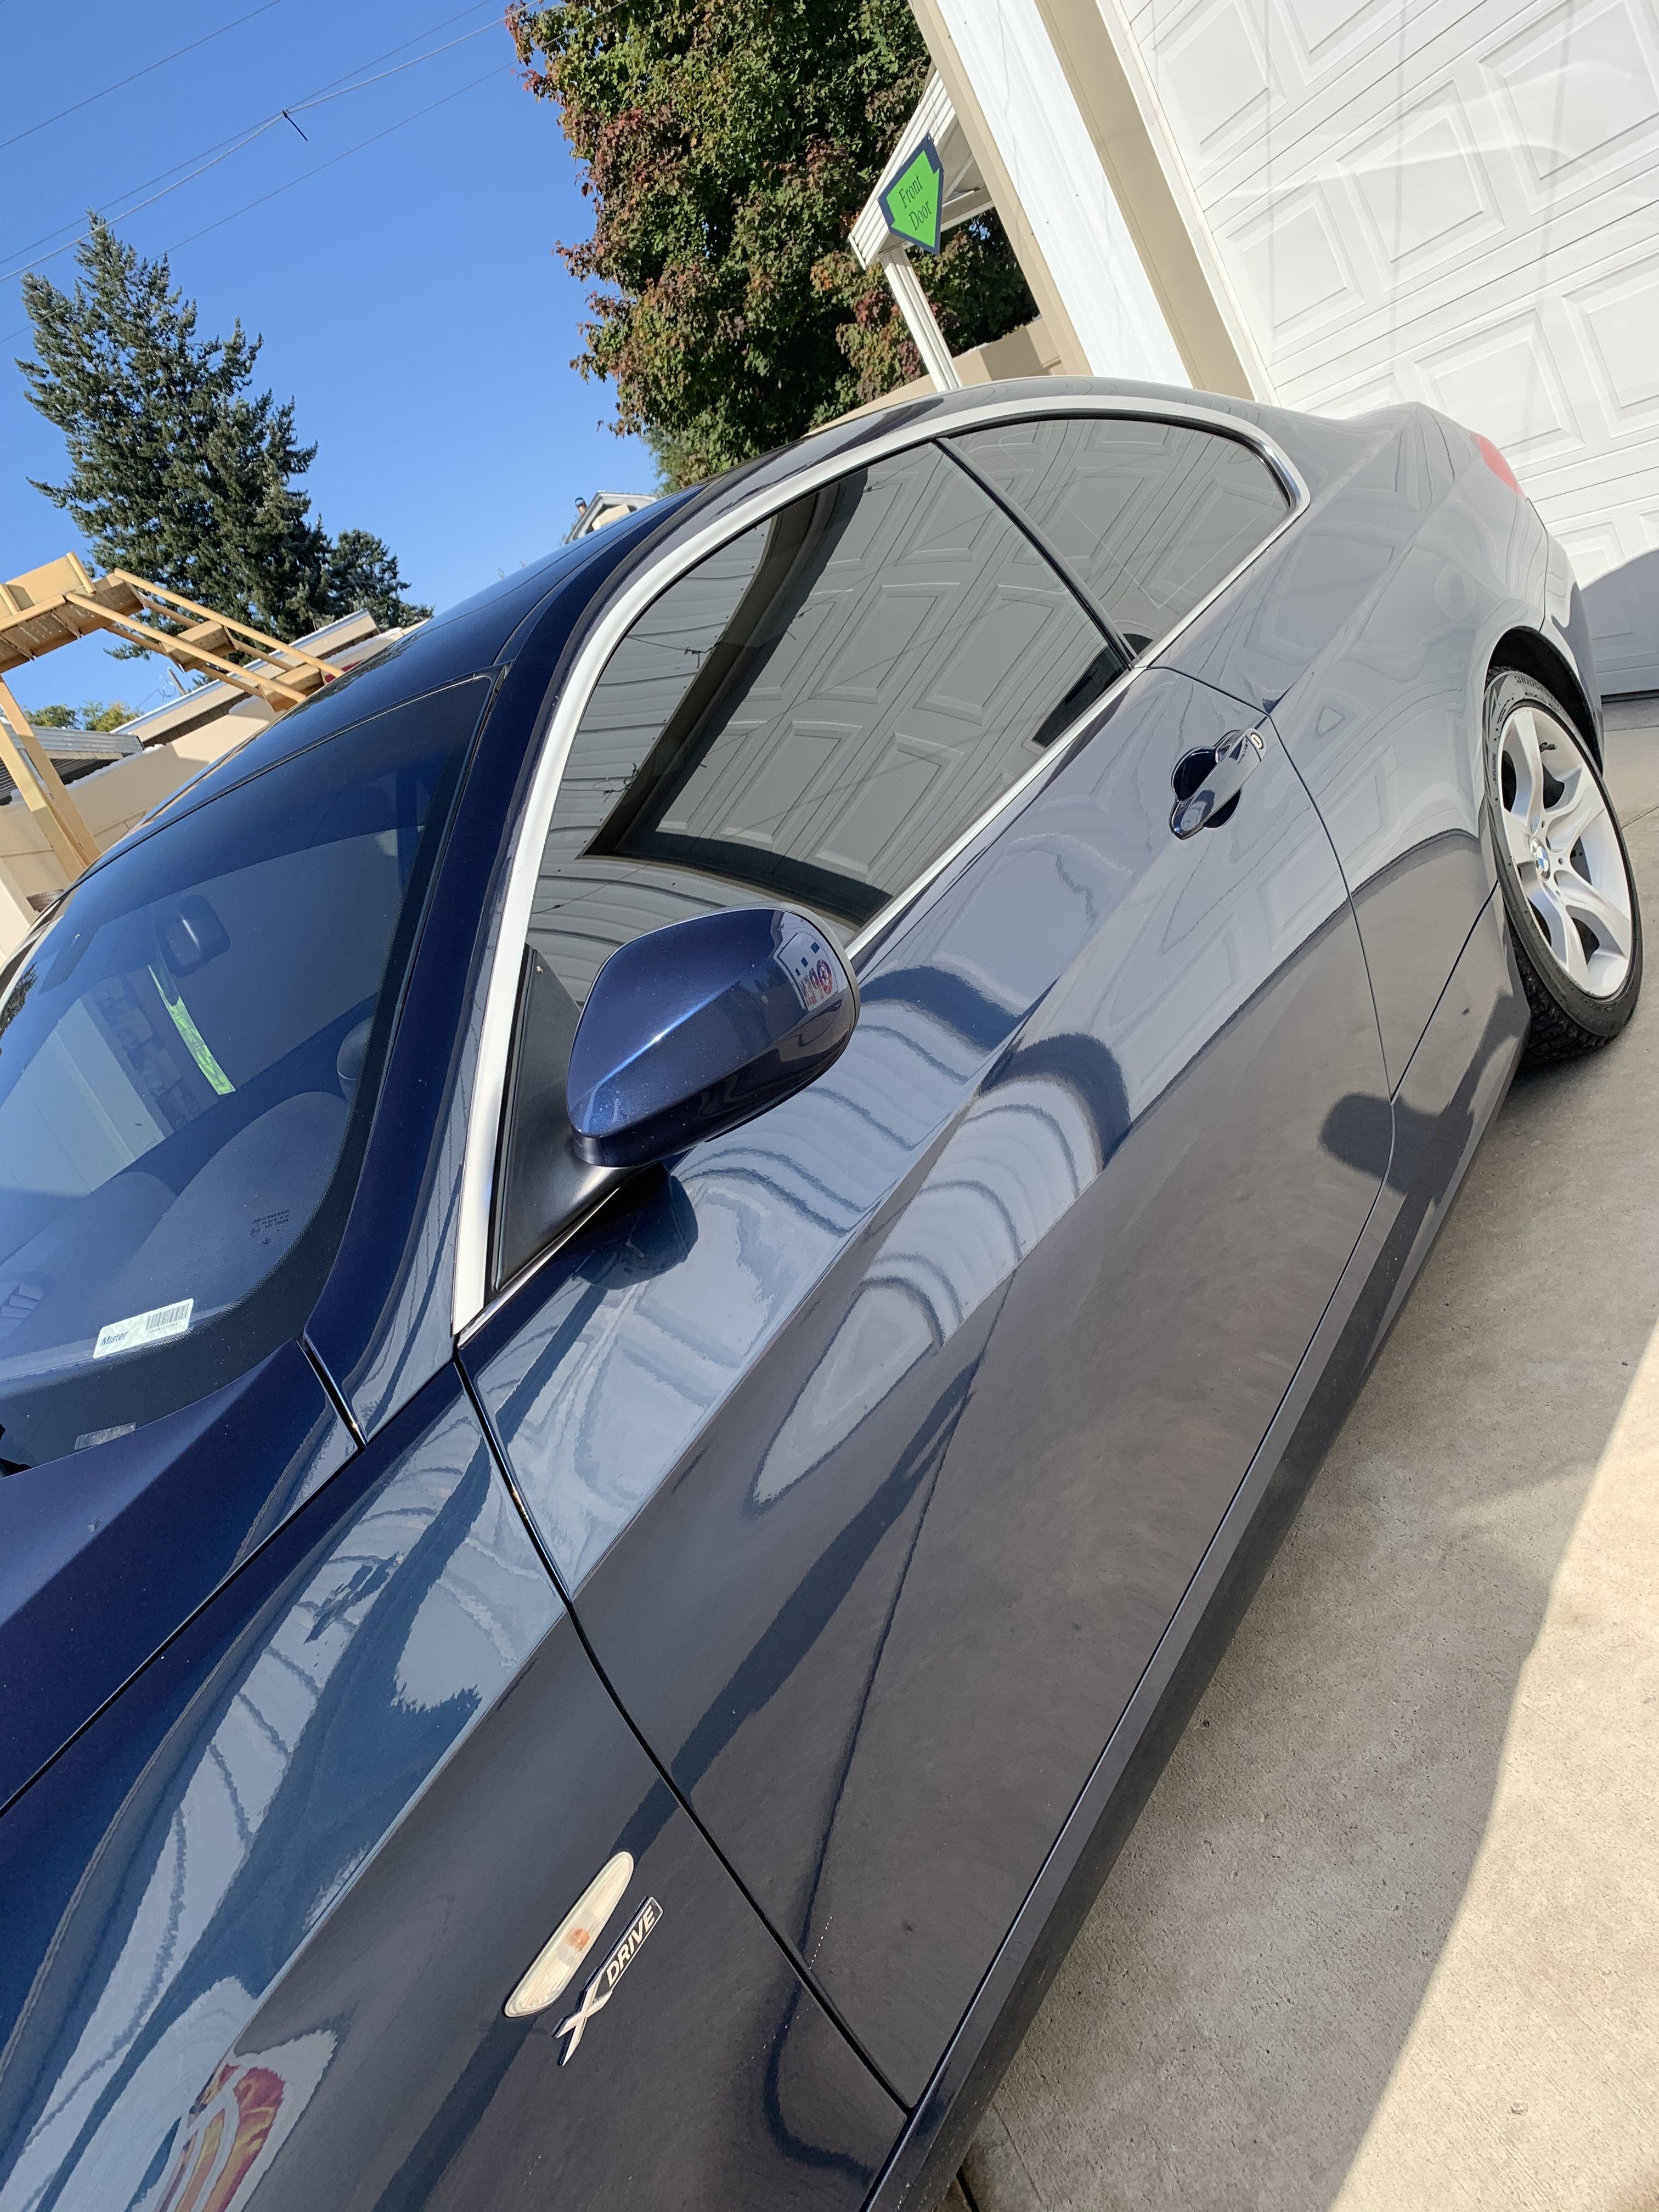 2013 Bmw 335i Tinted Windows Clear Bra Spokane